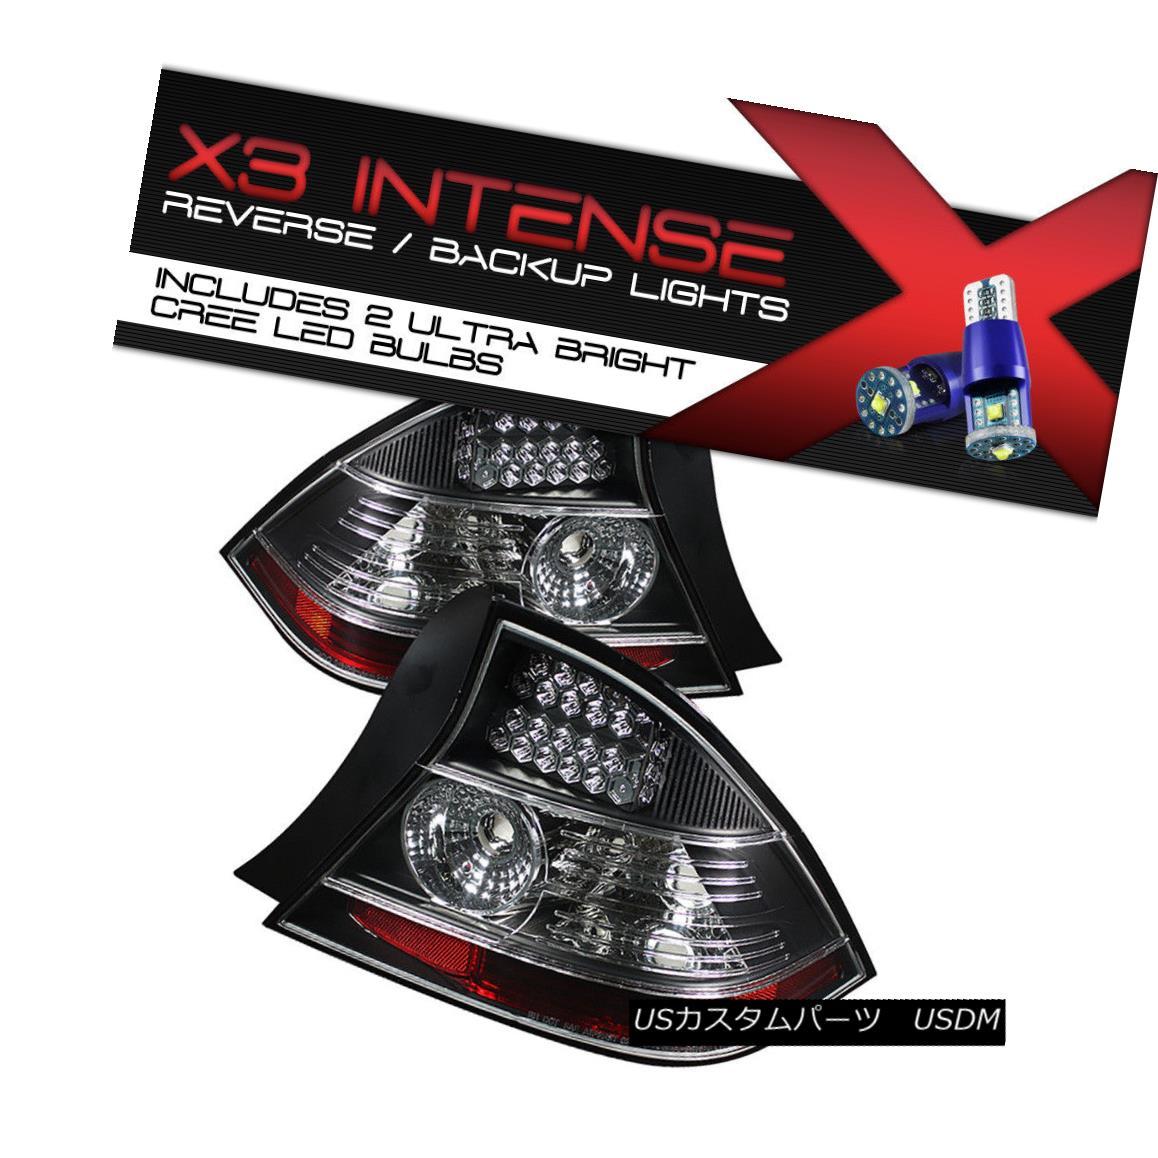 テールライト !CREE LED BACKUP! Honda L@@K 2004-2005 Civic 2DR LED Black Hoising Tail Lamp L+R !クリーLEDのバックアップ! ホンダL @@ K 2004-2005シビック2DR LEDブラックホーニングテールランプL + R